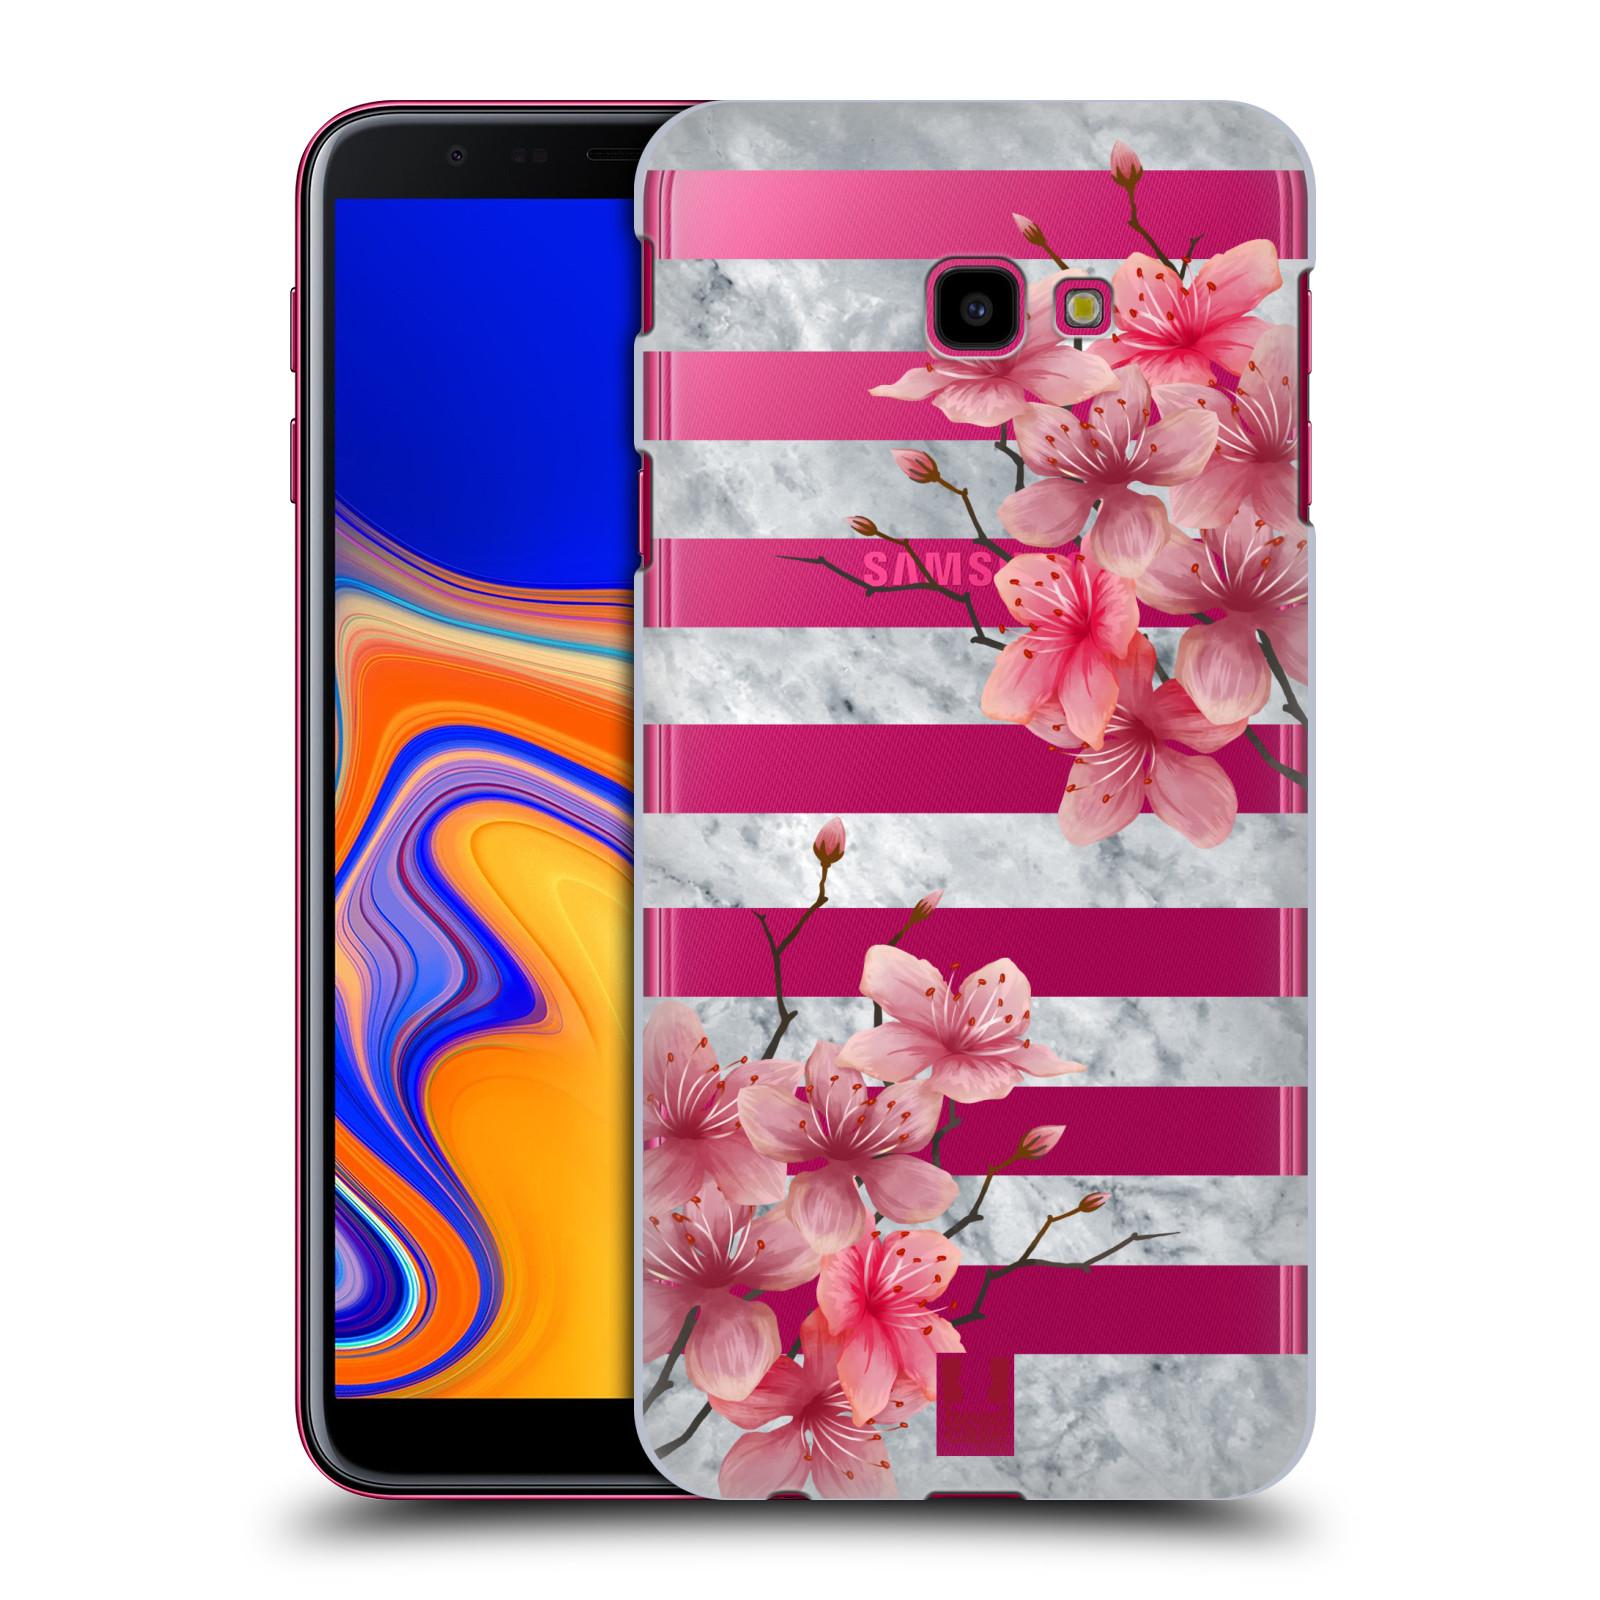 Plastové pouzdro na mobil Samsung Galaxy J4 Plus - Head Case - Kvítka a mramor